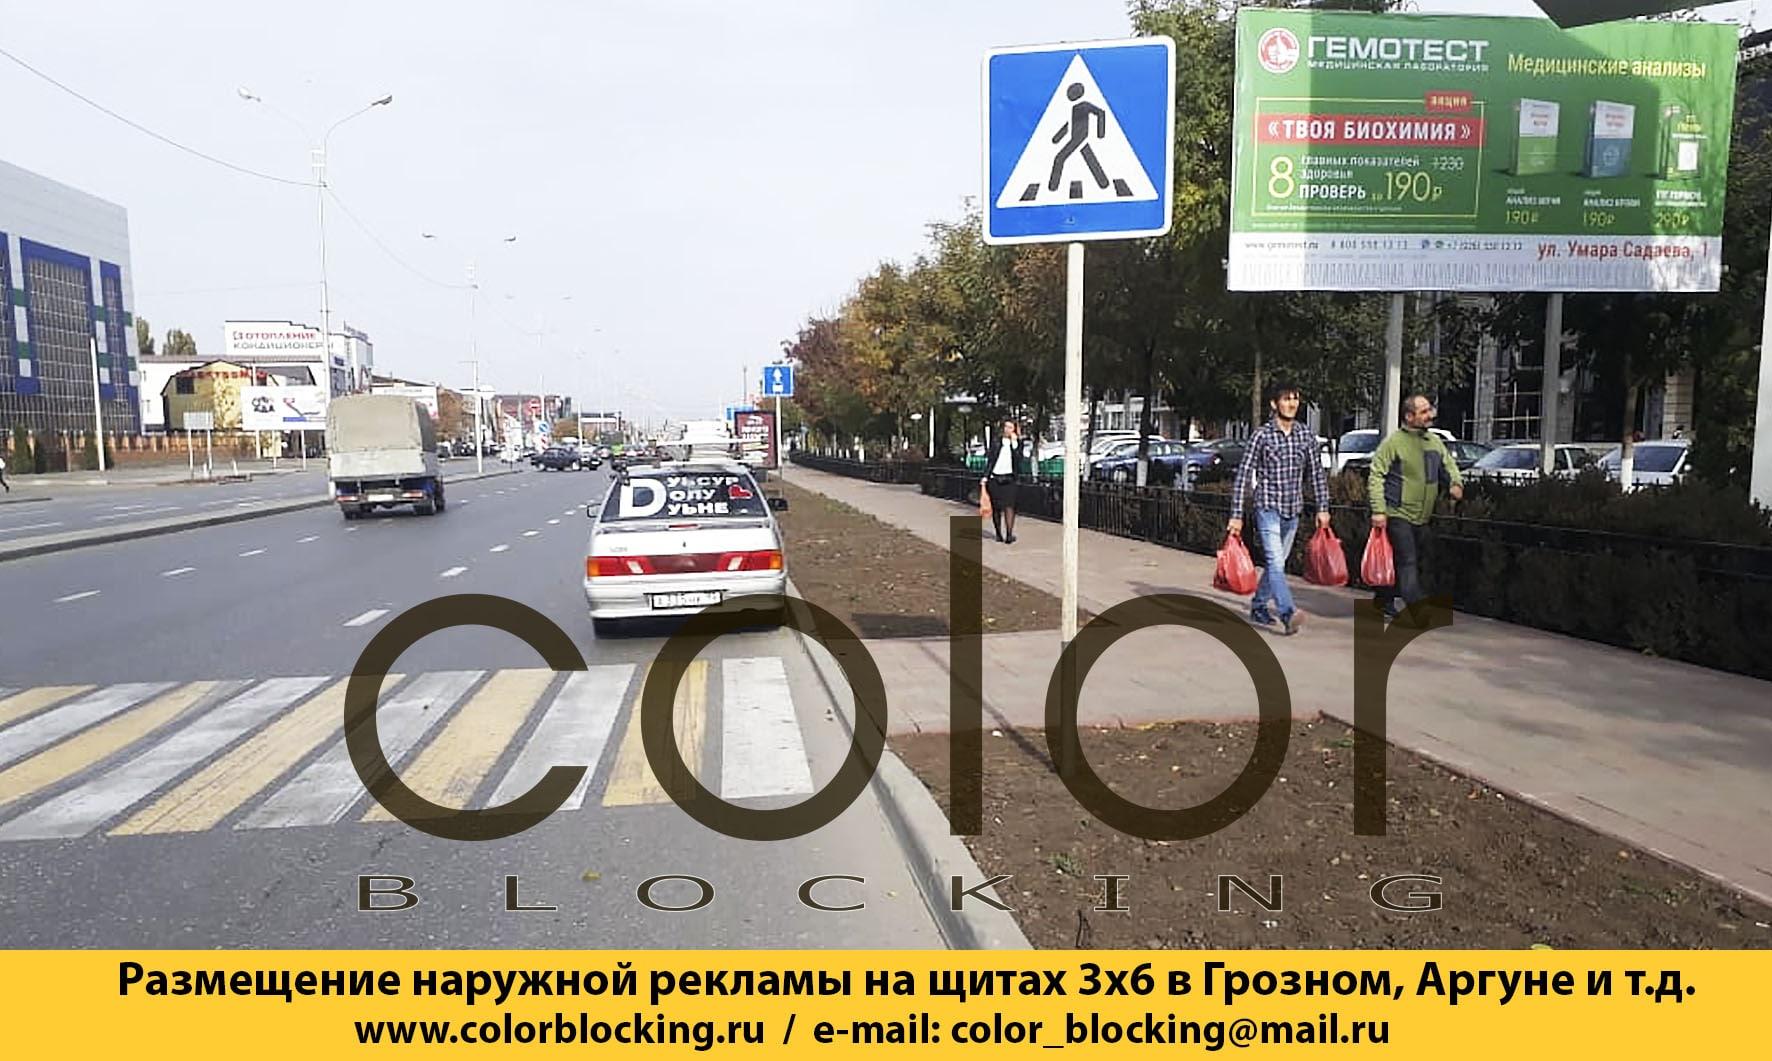 Щиты 3х6 в Грозном Назарбаева